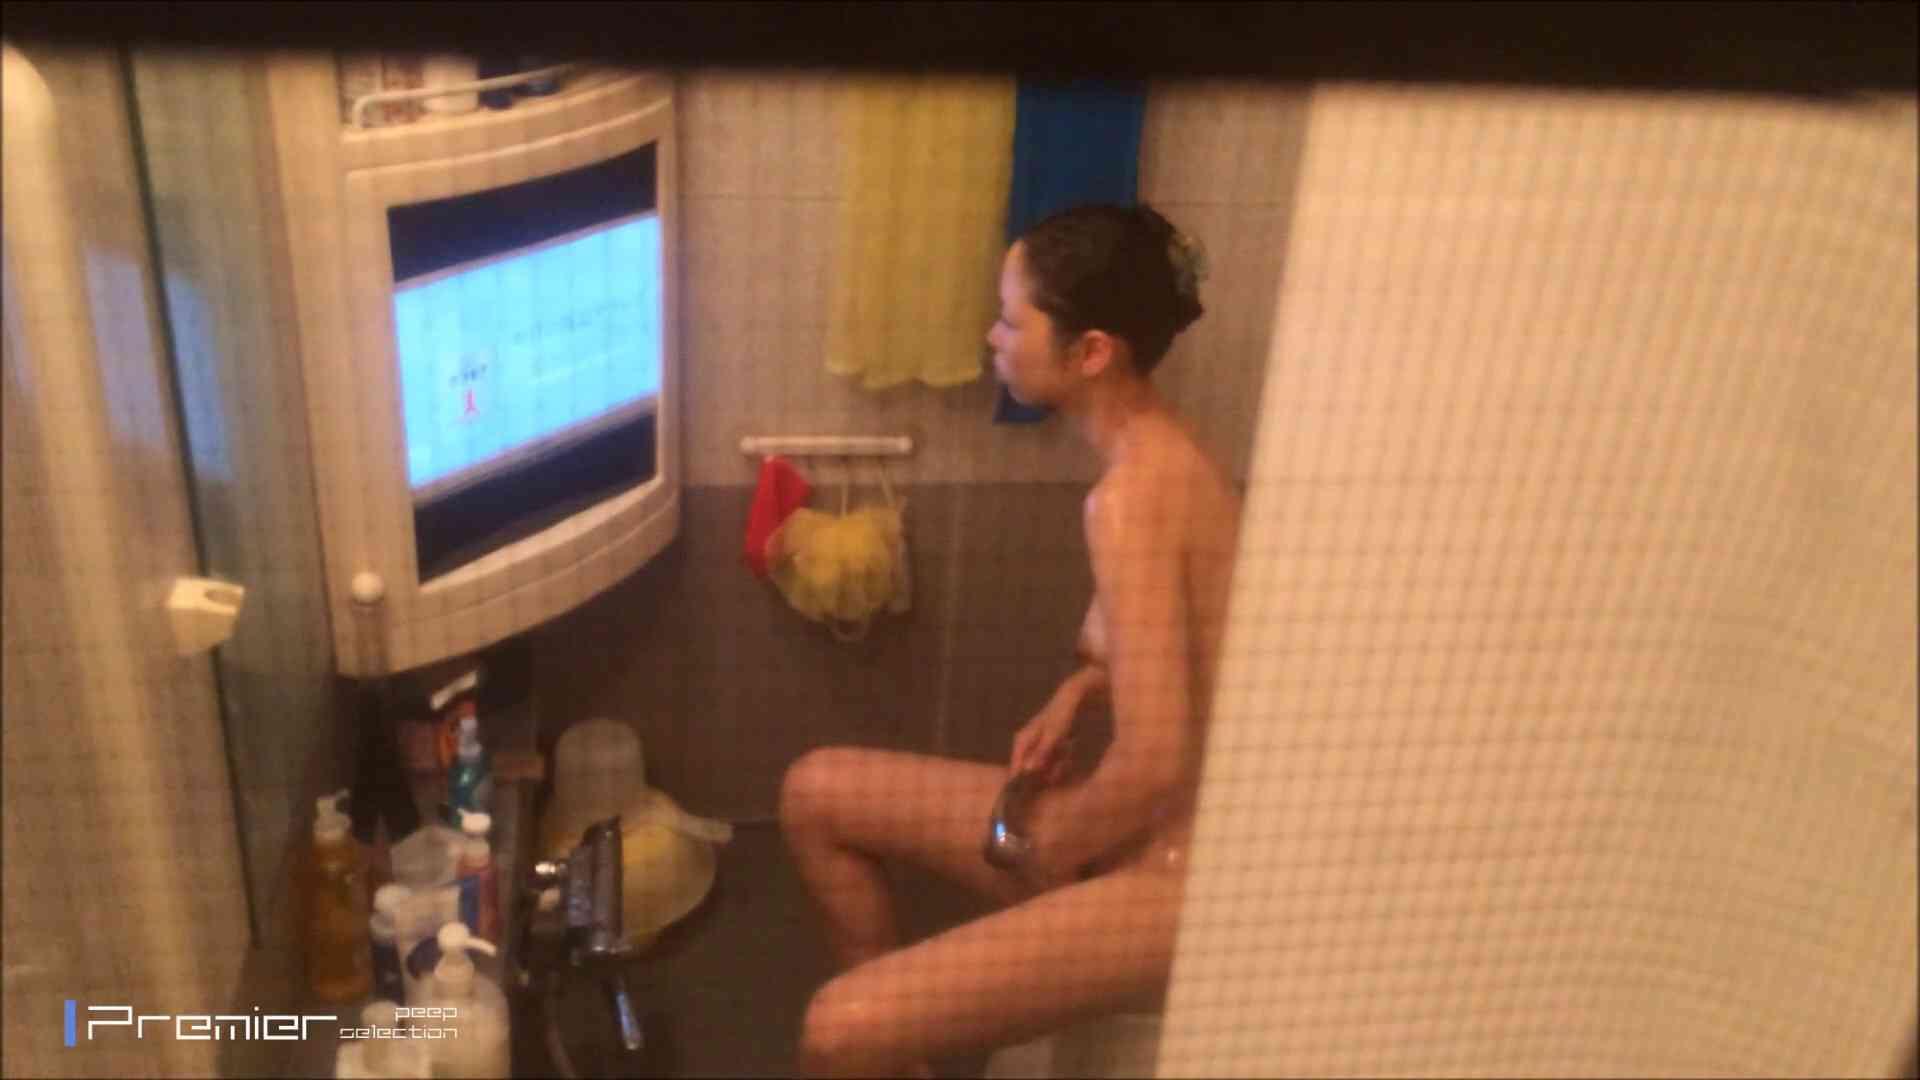 美女のテレビを見ながらの入浴 乙女の風呂場 Vol.21 盗撮  30pic 18